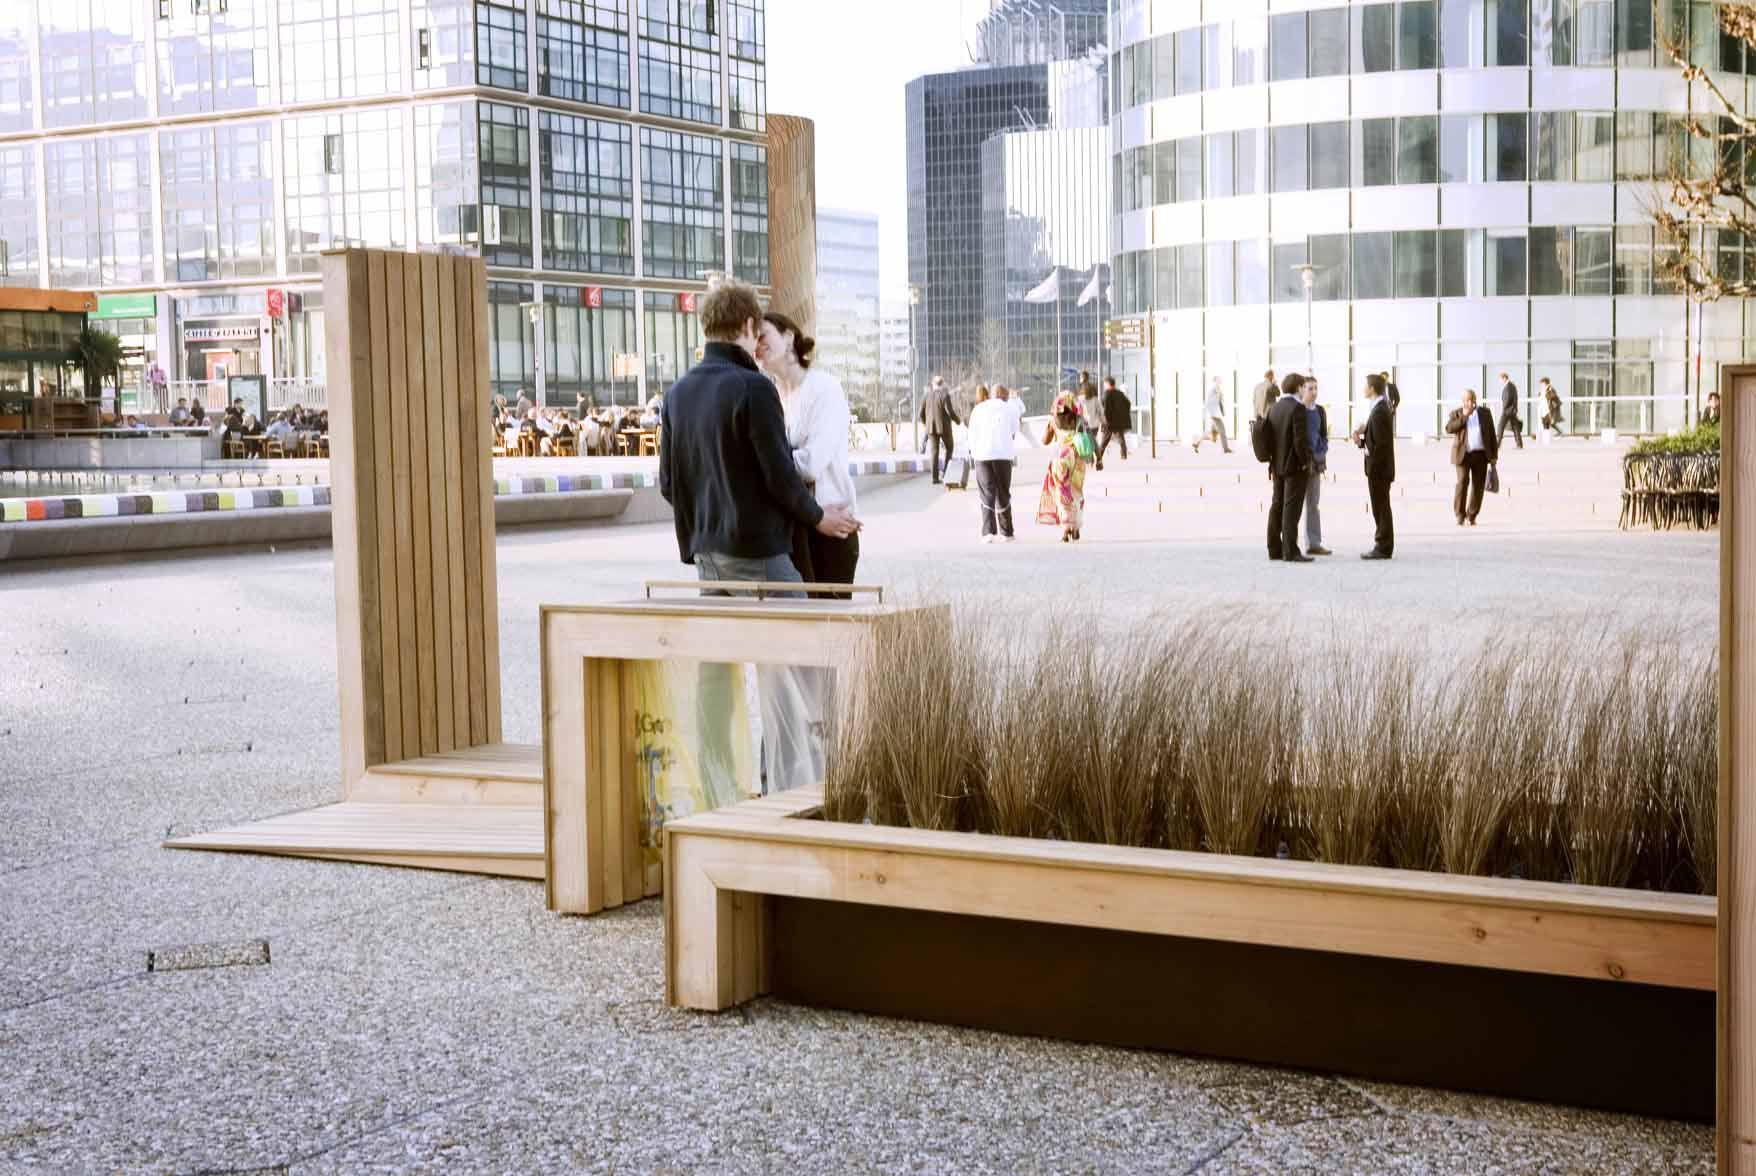 Mobilier urbain en bois